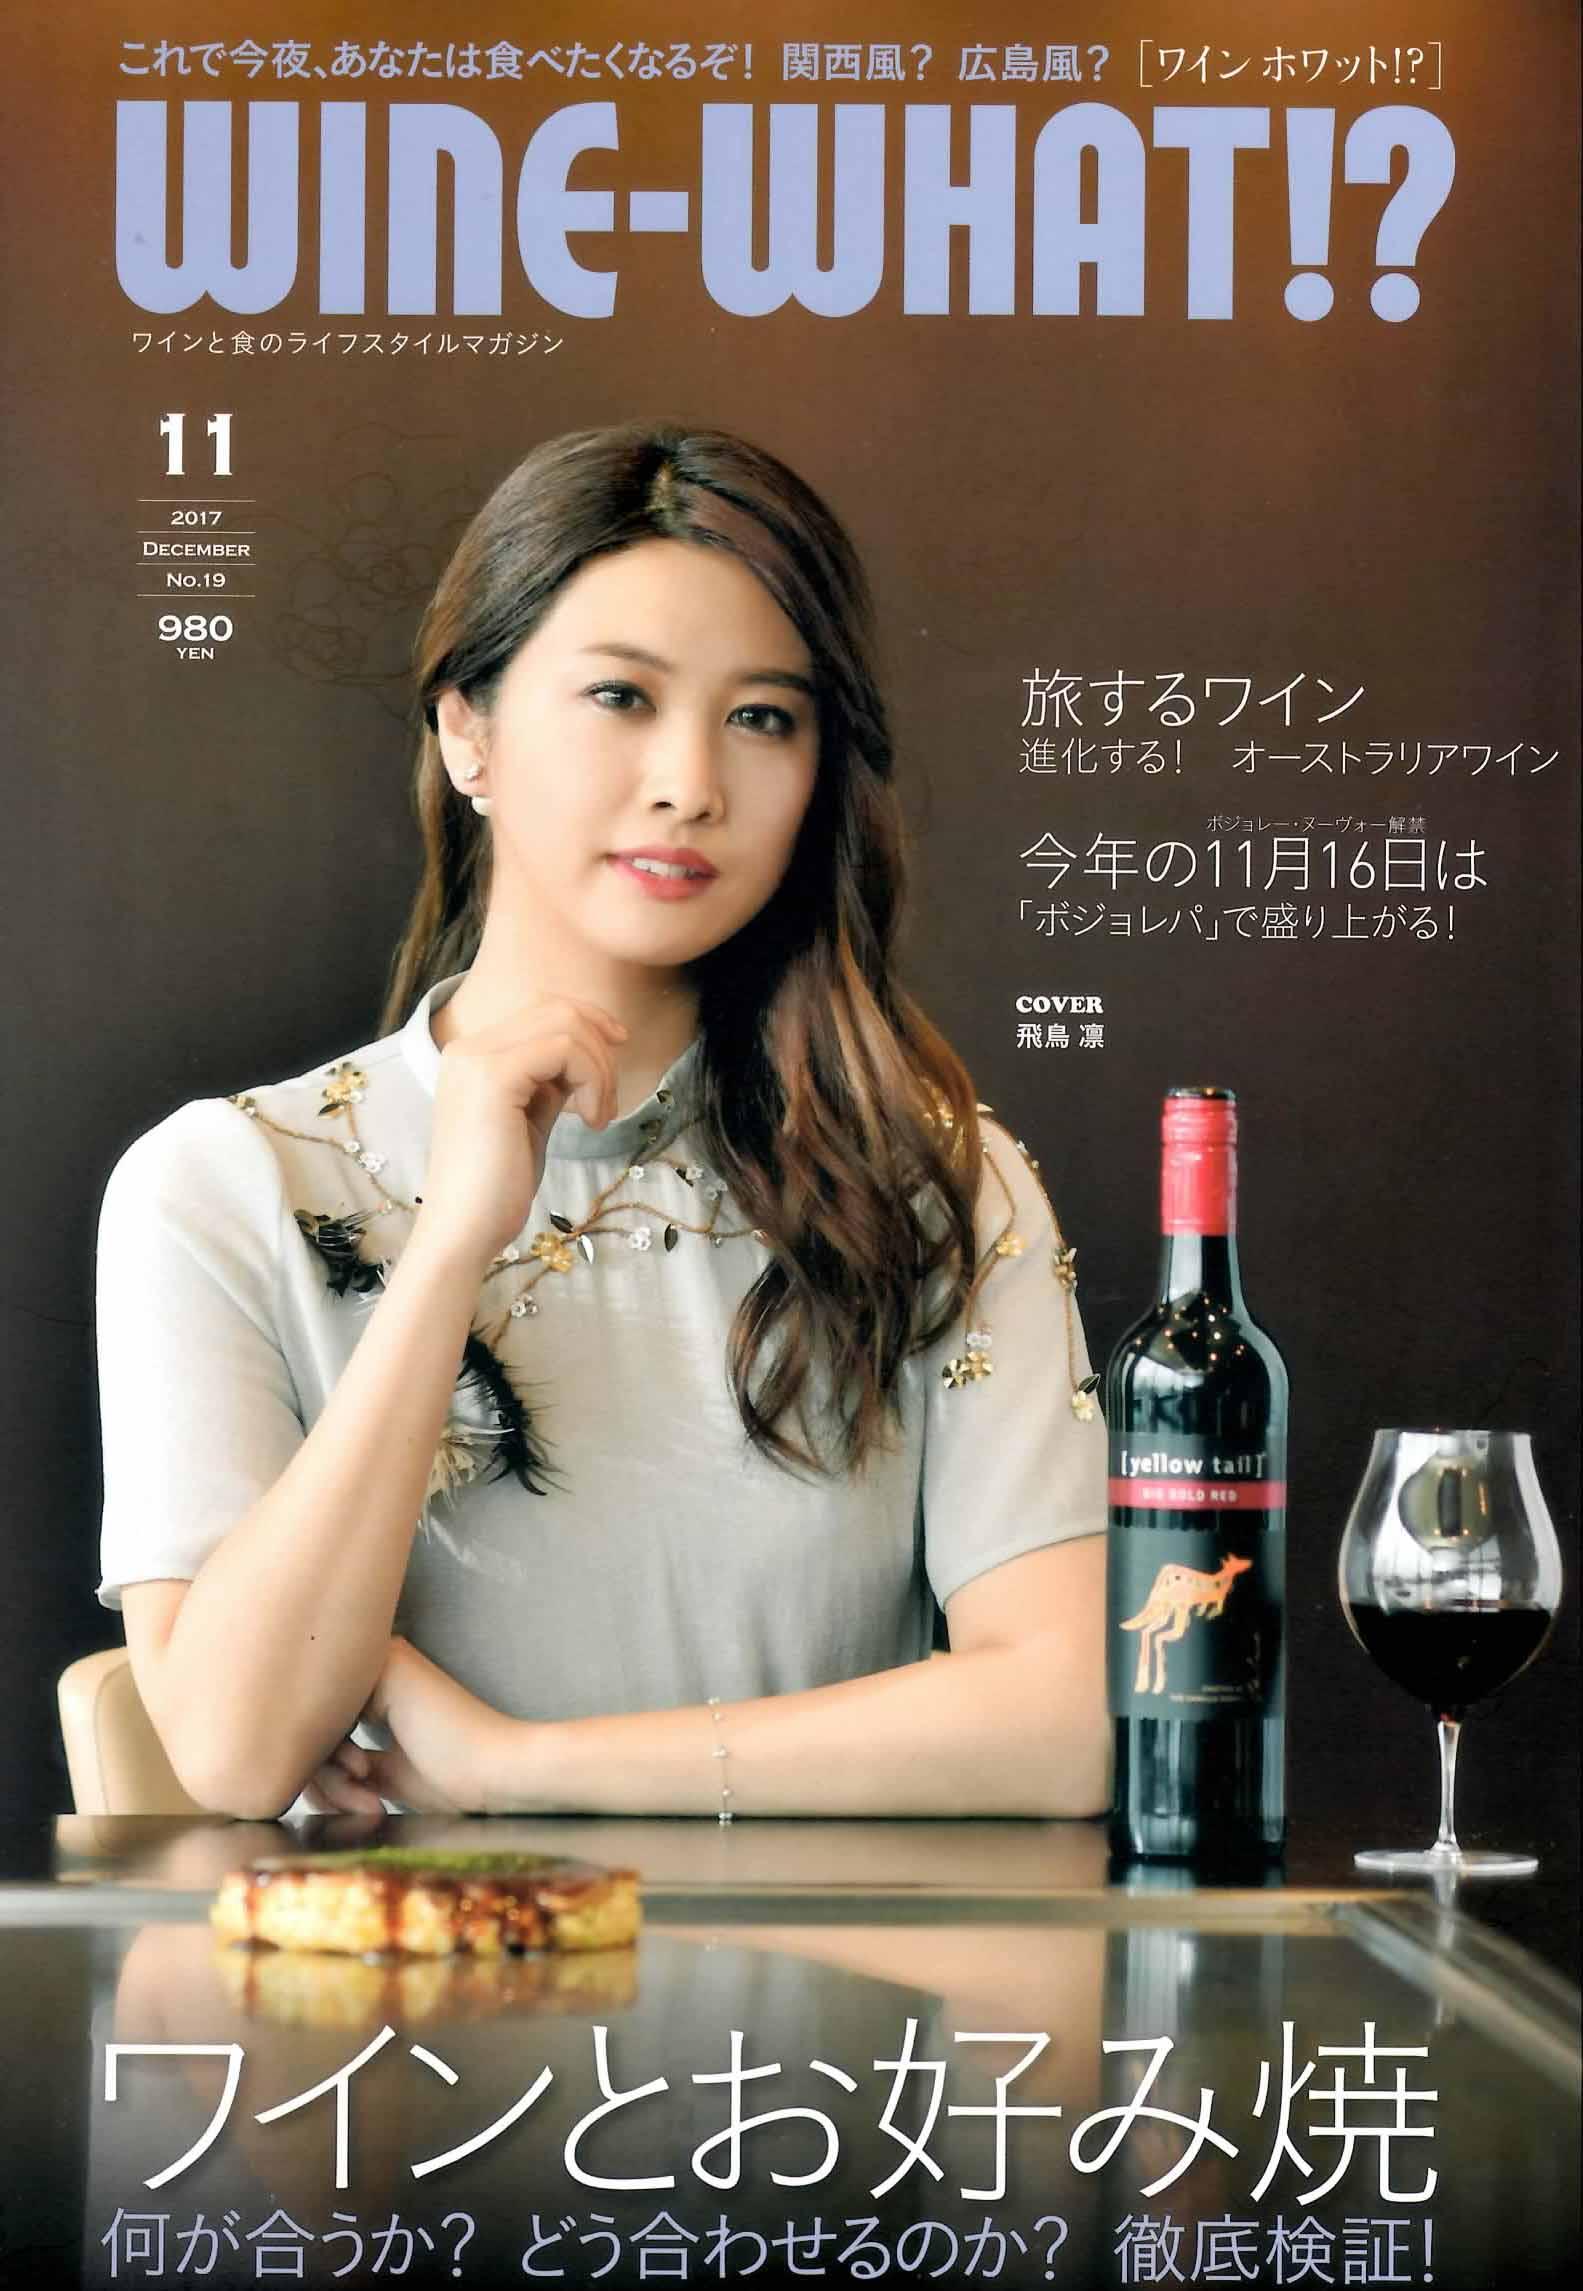 「ワインホワット!?」11月号